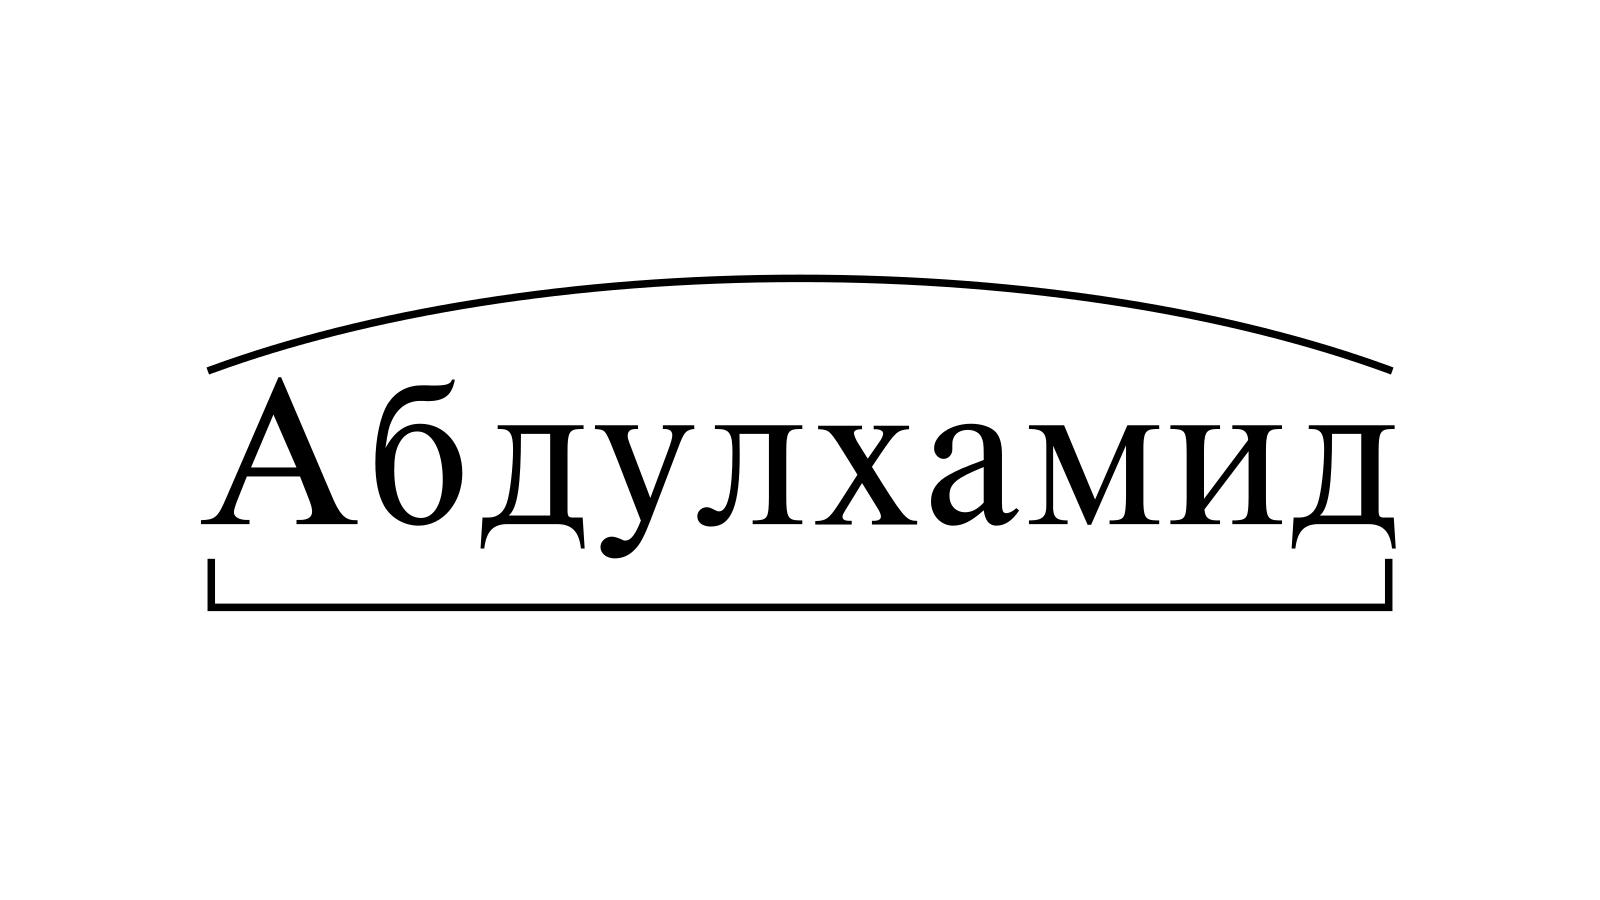 Разбор слова «Абдулхамид» по составу